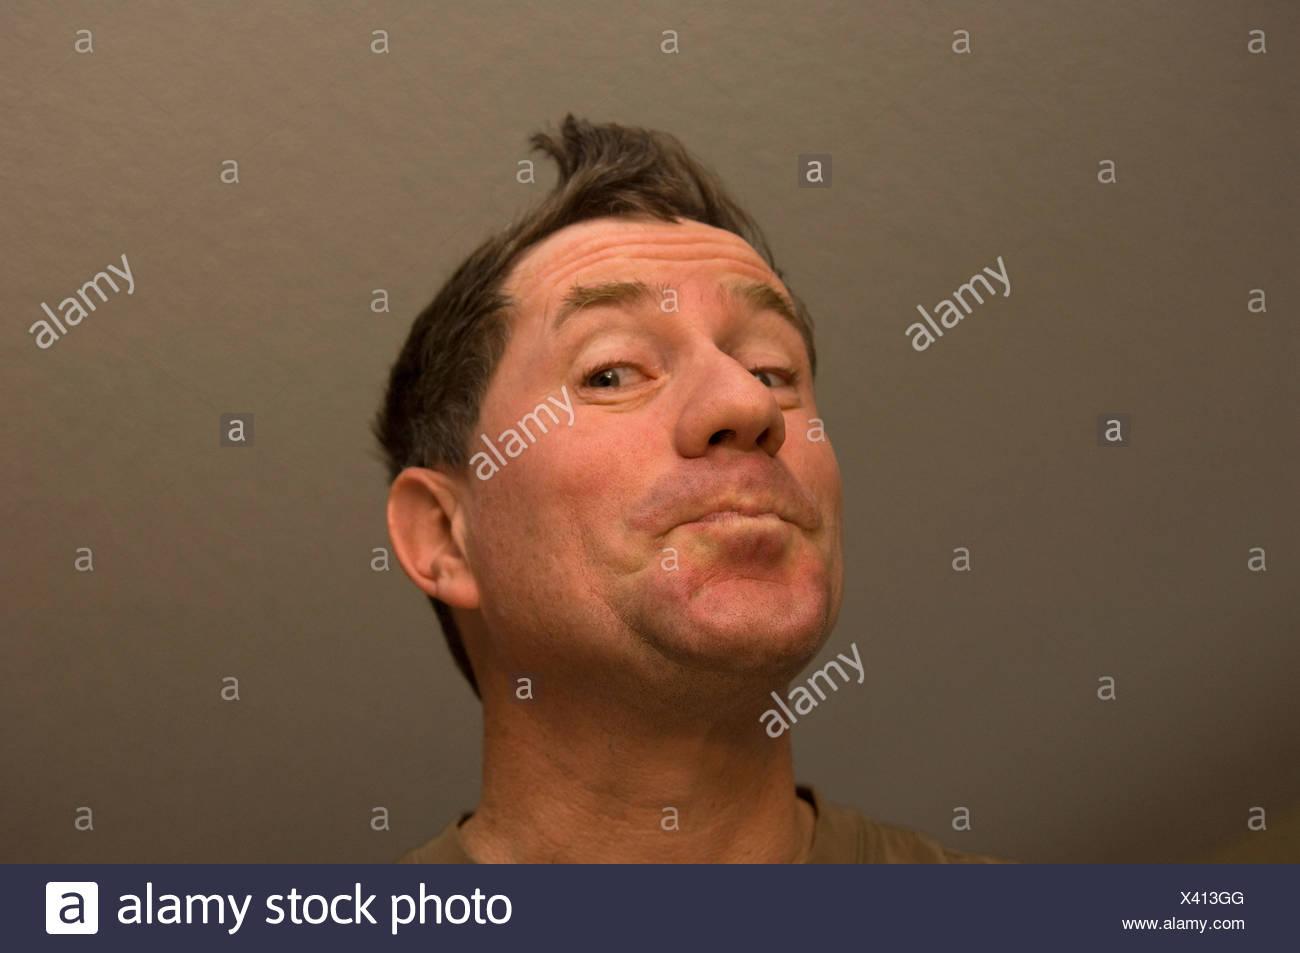 A man makes a goofy face. - Stock Image